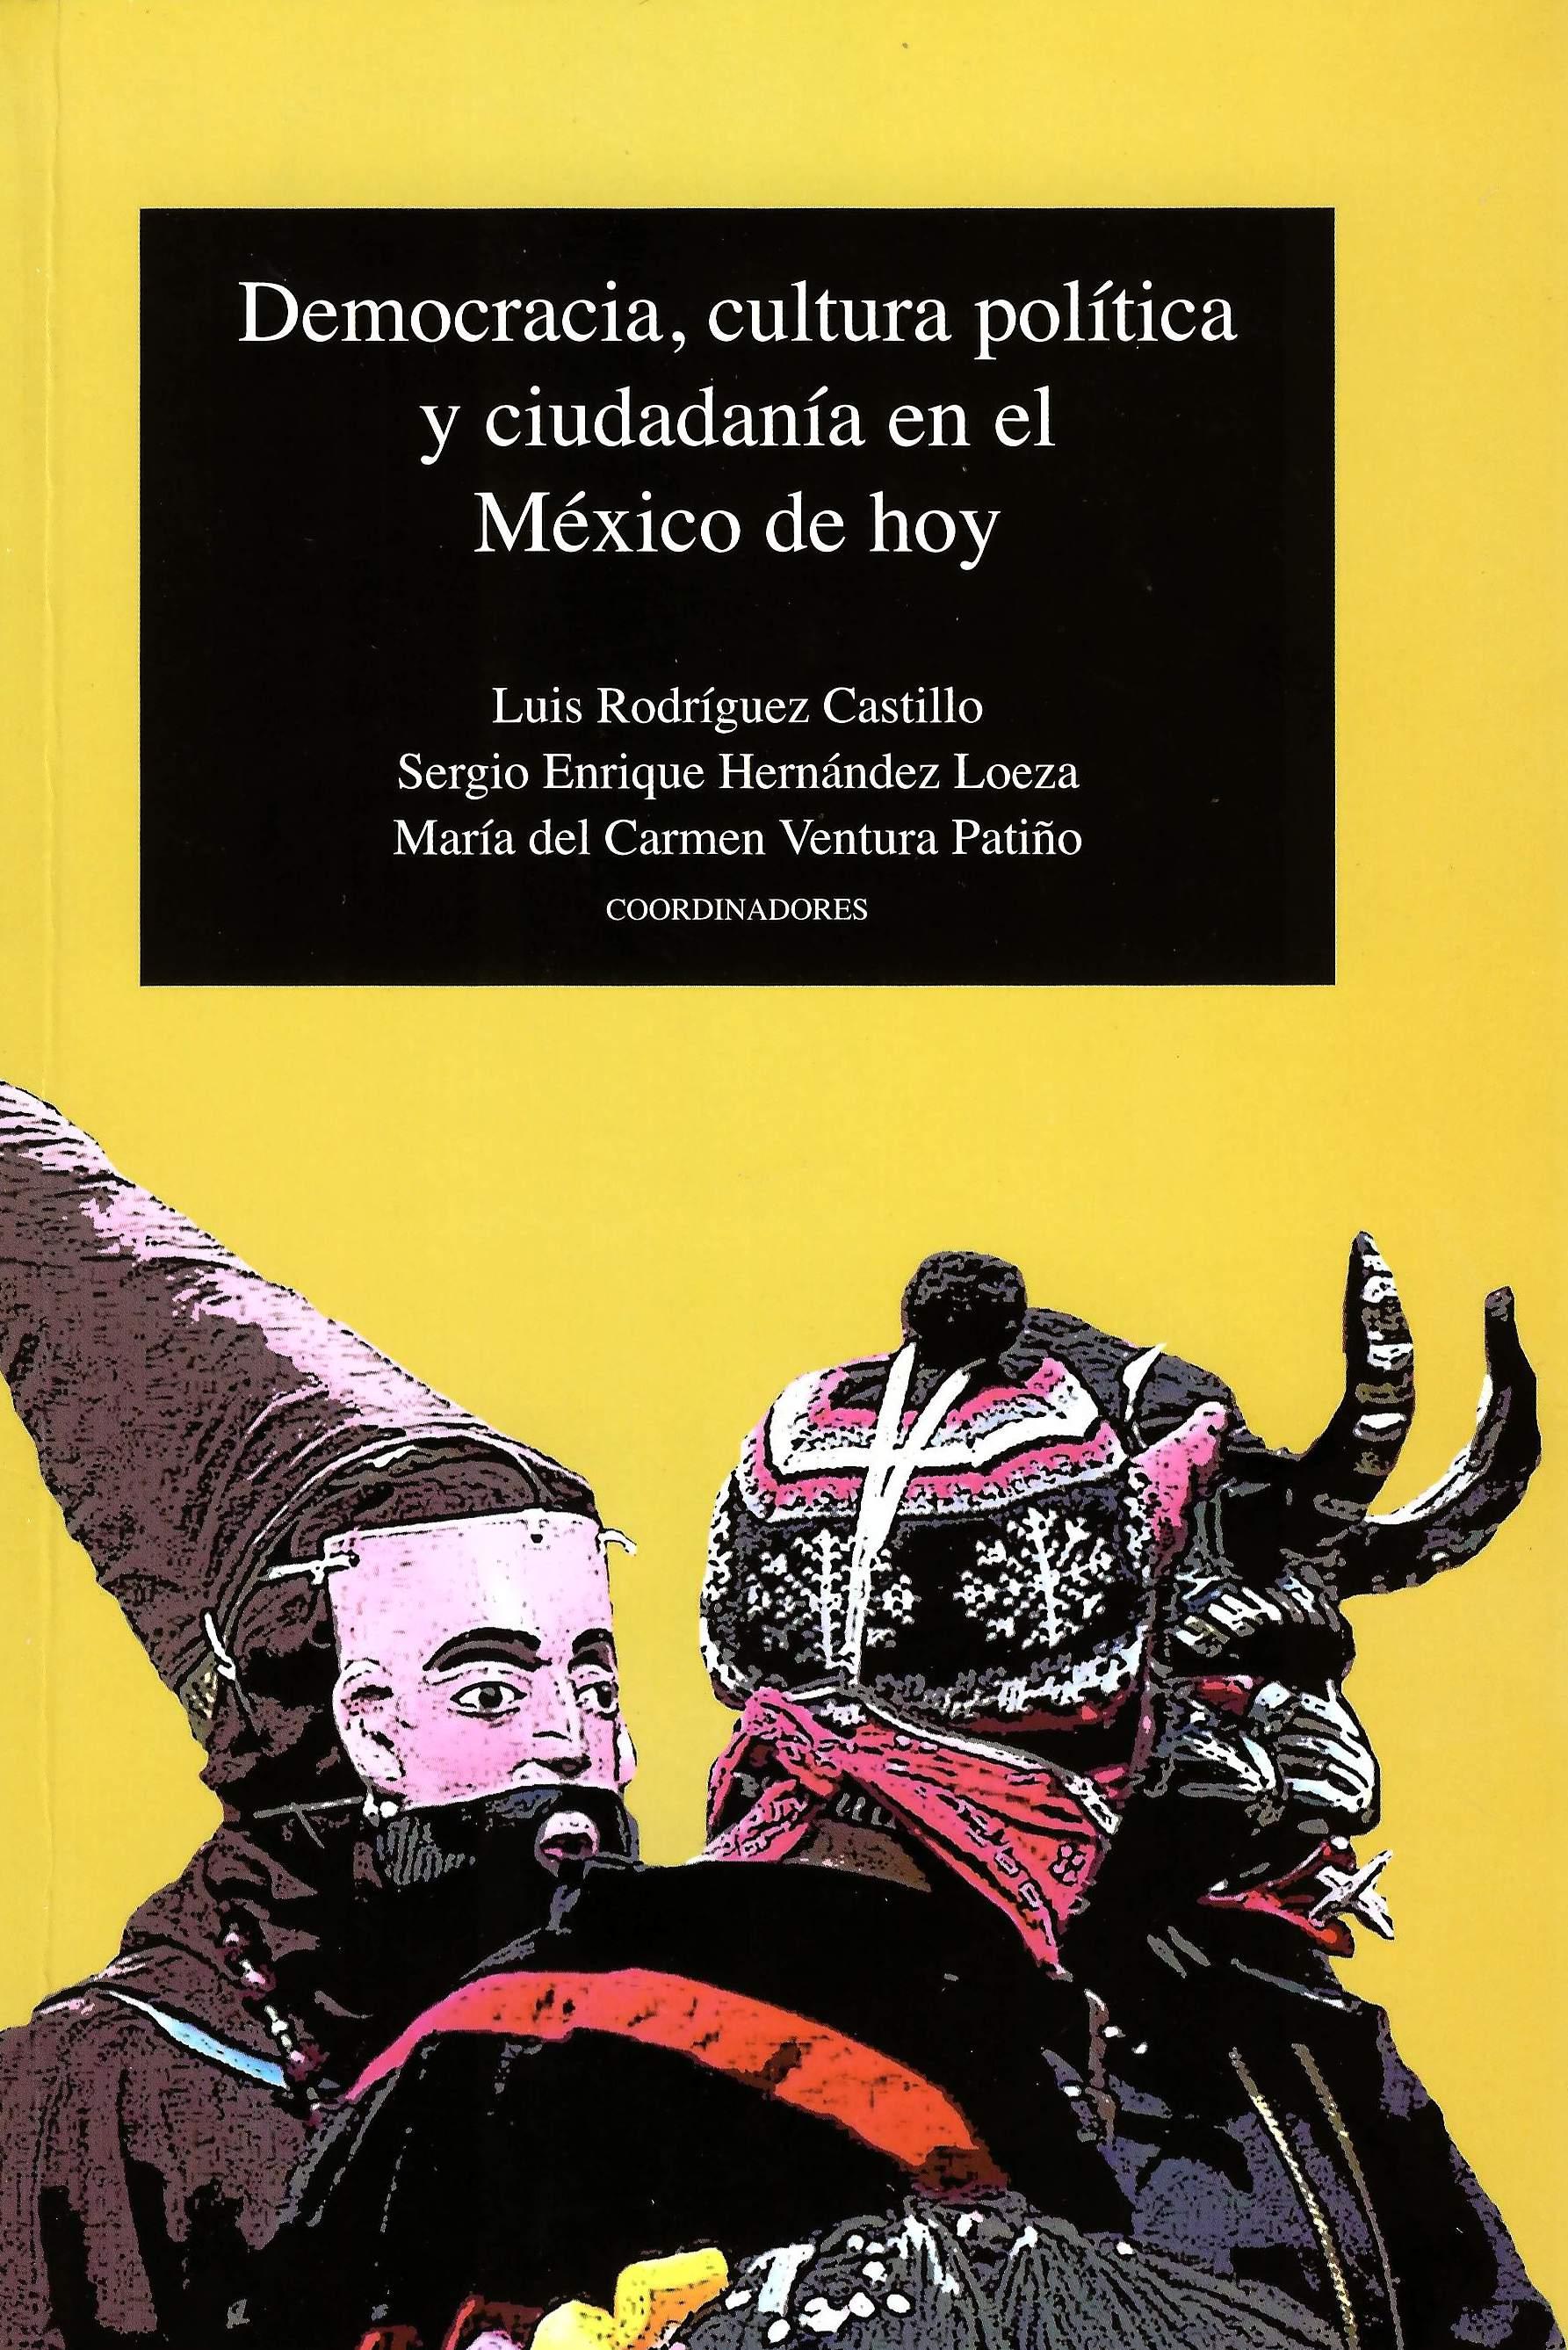 Democracia, cultura política y ciudadanía en el México de hoy